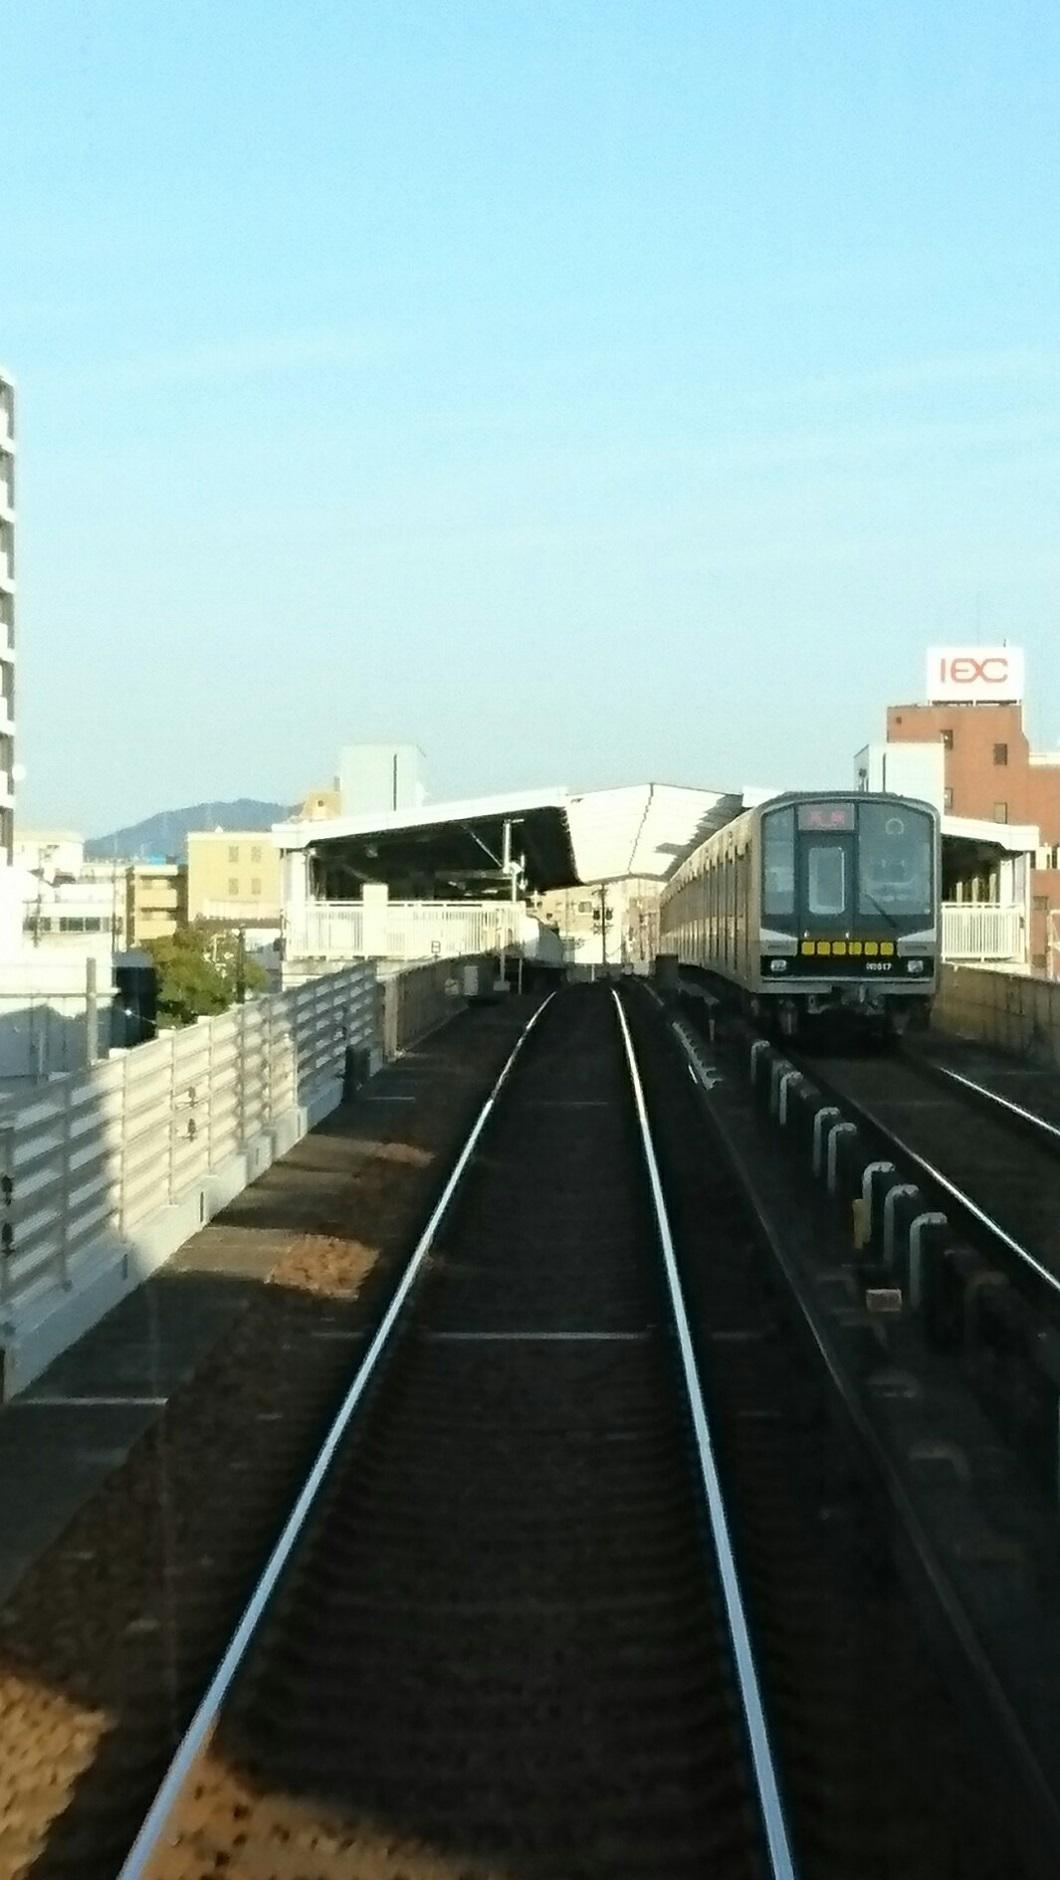 2017.12.15 藤が丘いき - 本郷 1060-1880